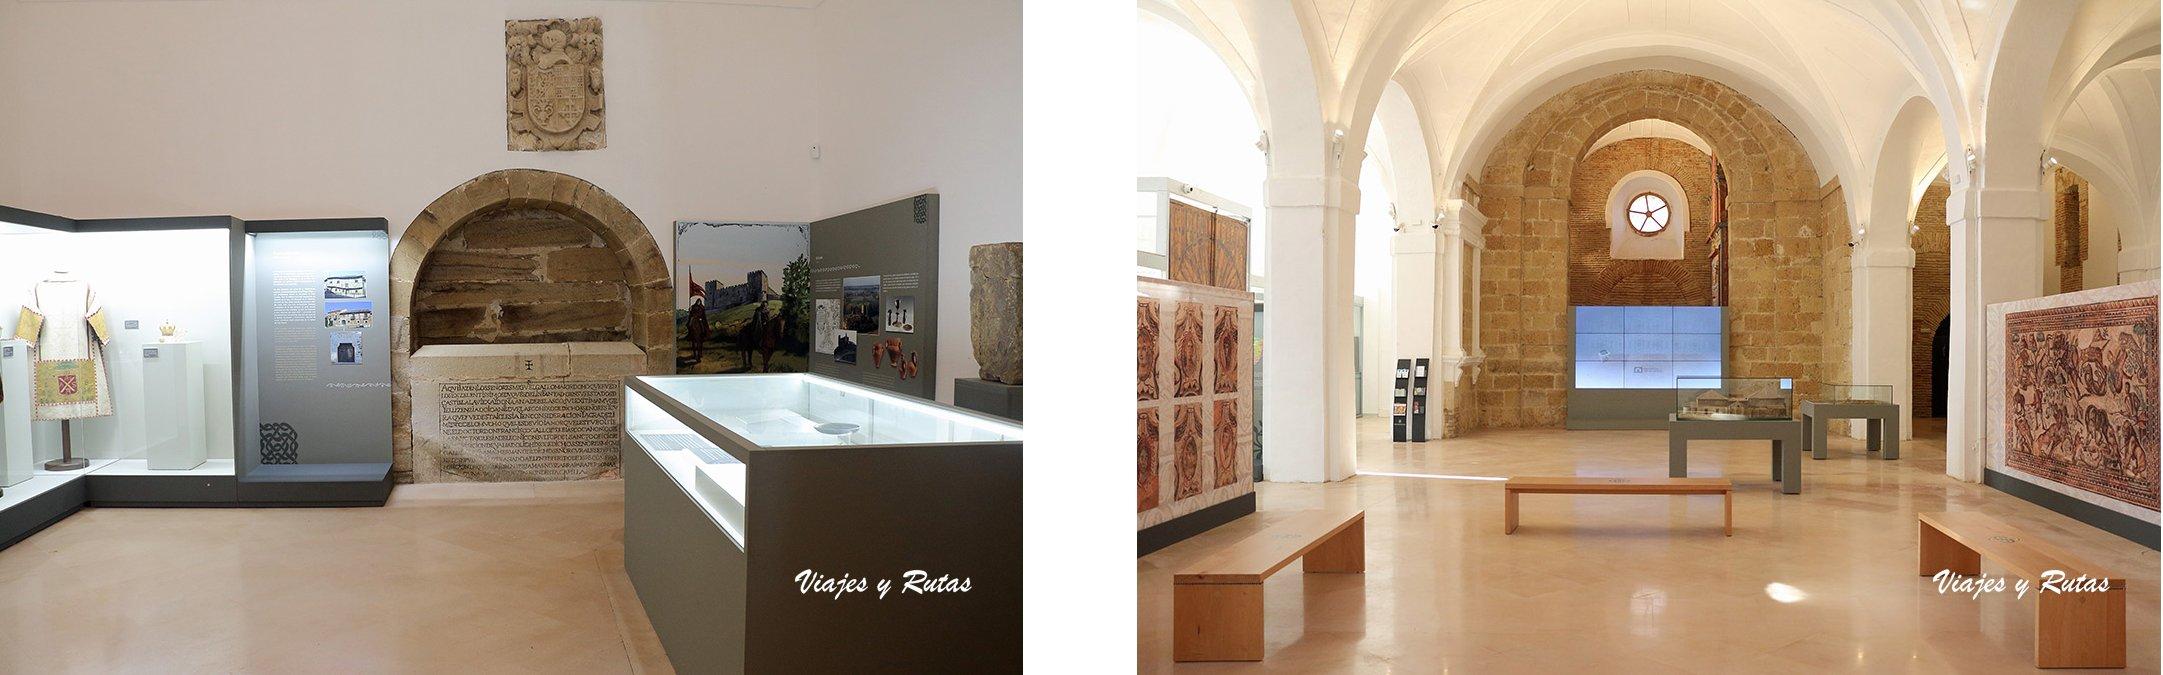 Museo-Iglesia de San Pedro, Saldaña